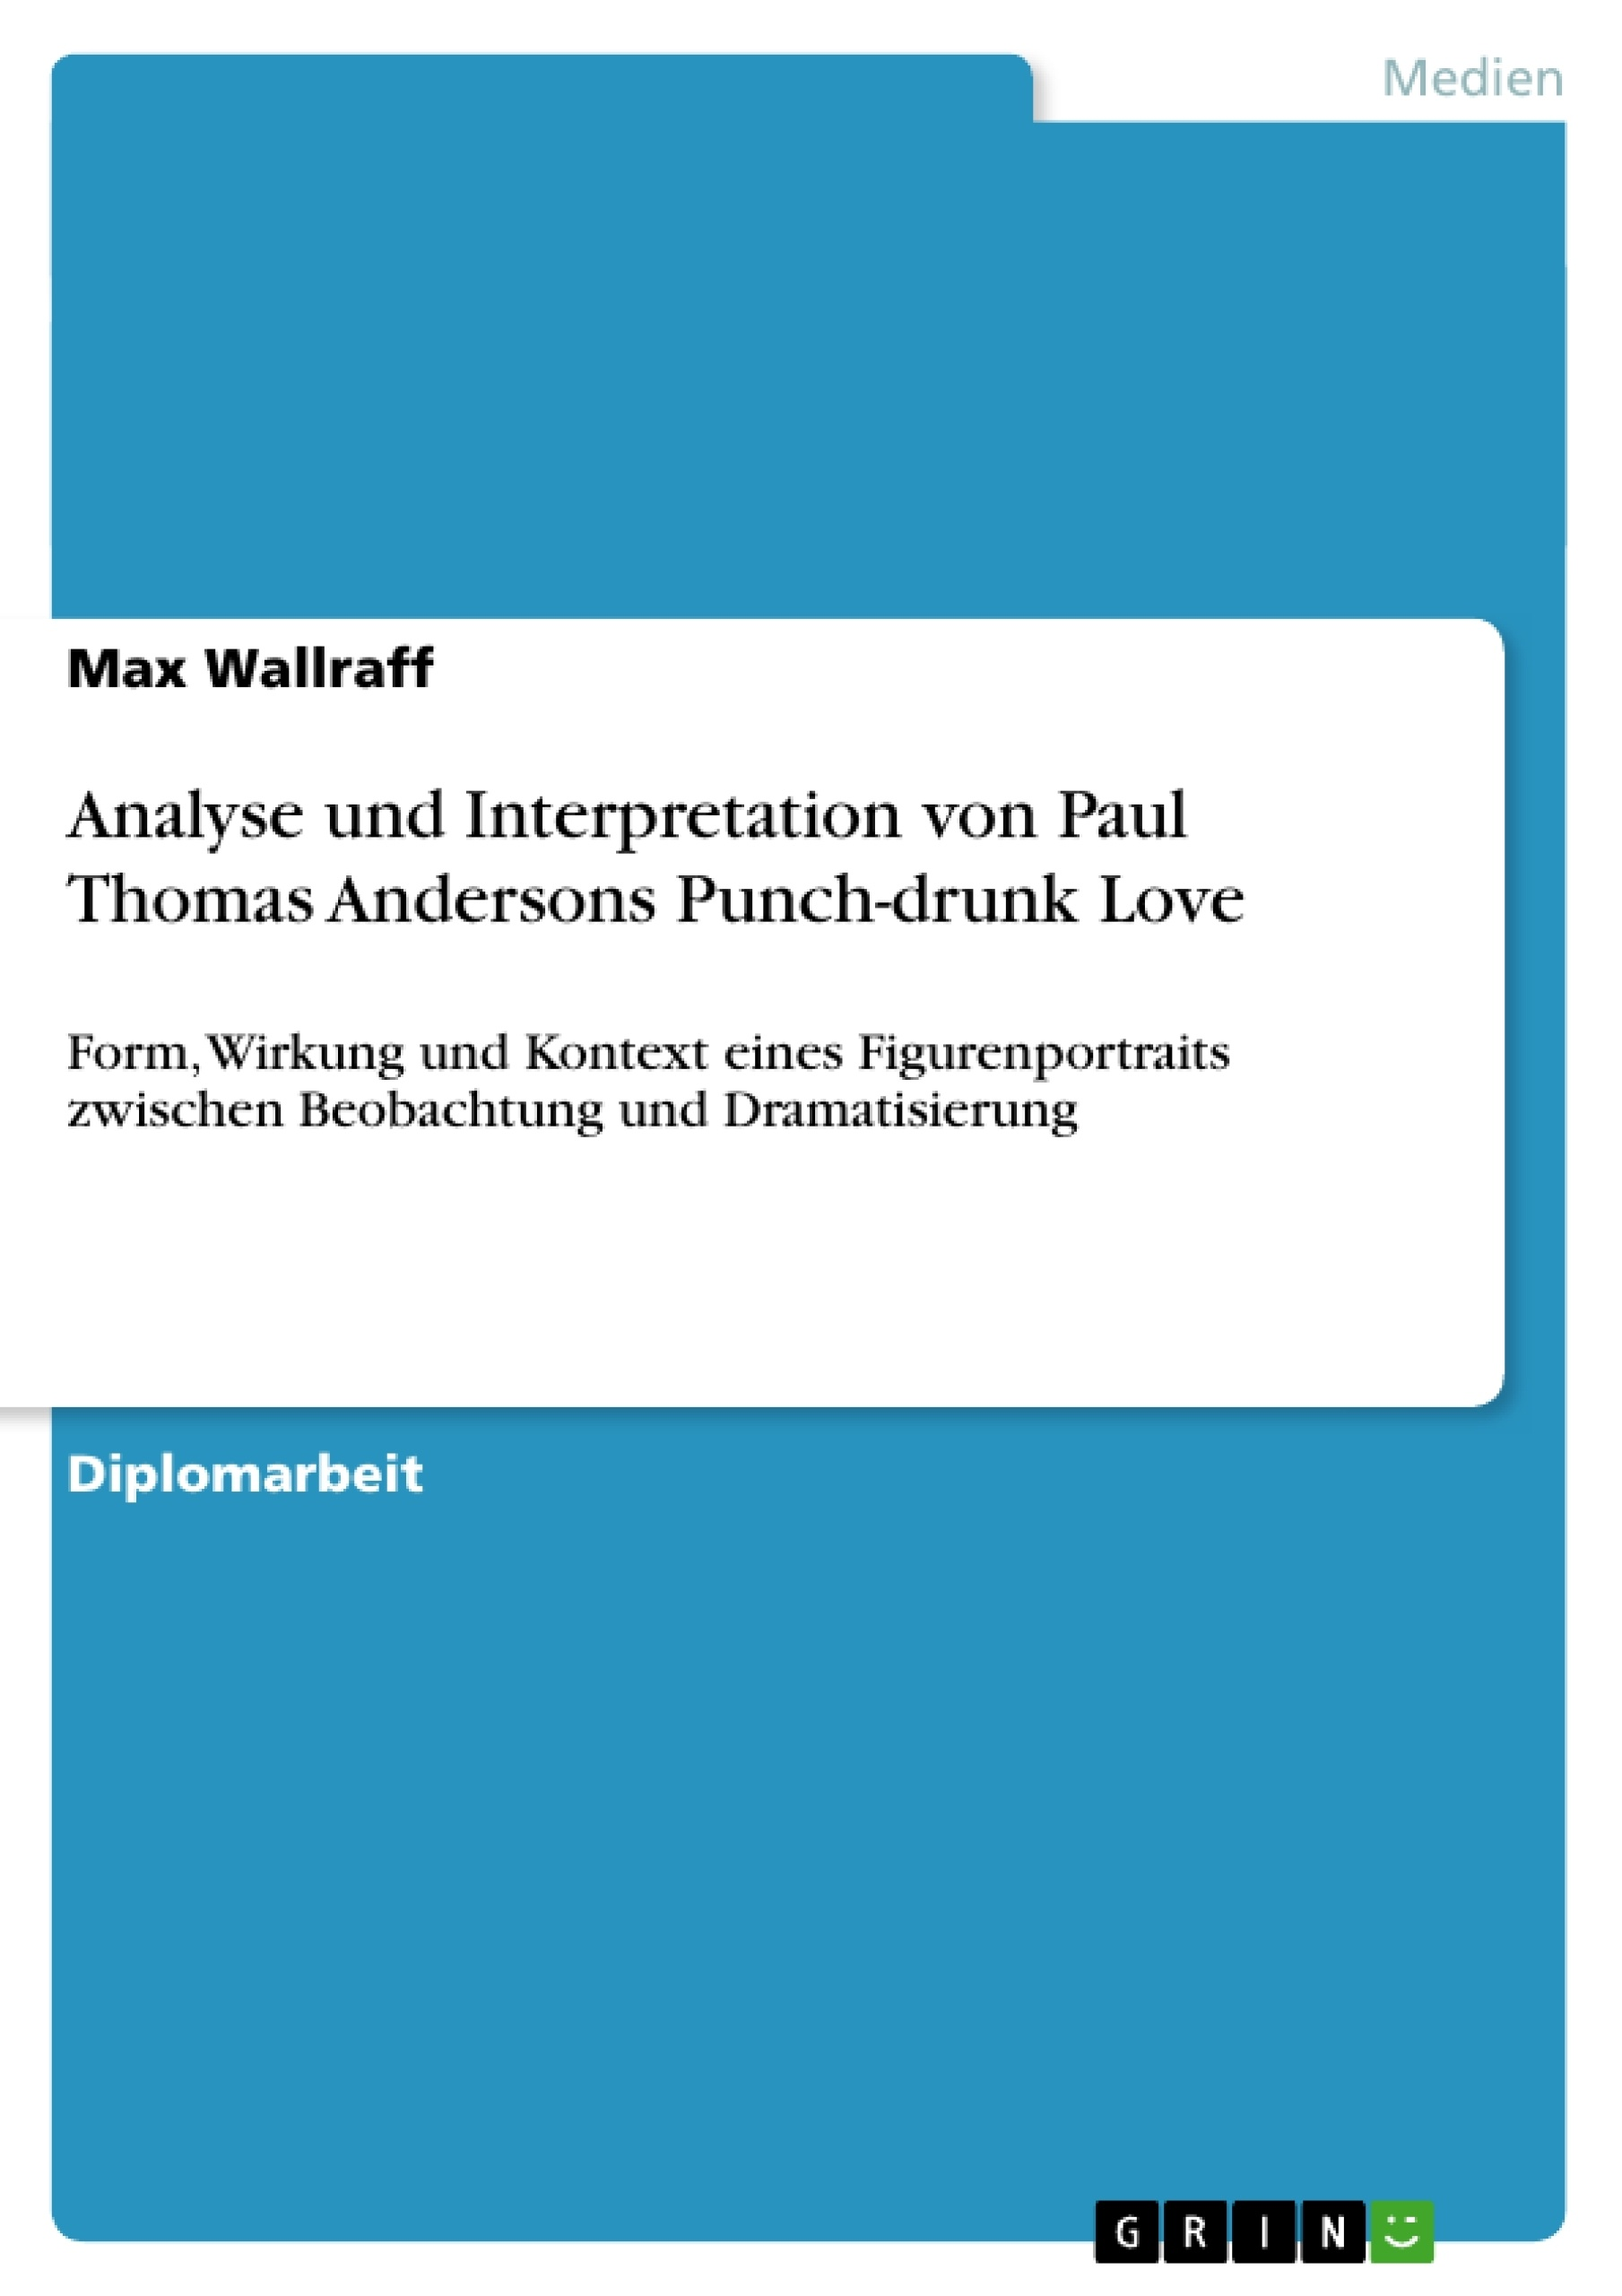 Titel: Analyse und Interpretation von Paul Thomas Andersons Punch-drunk Love